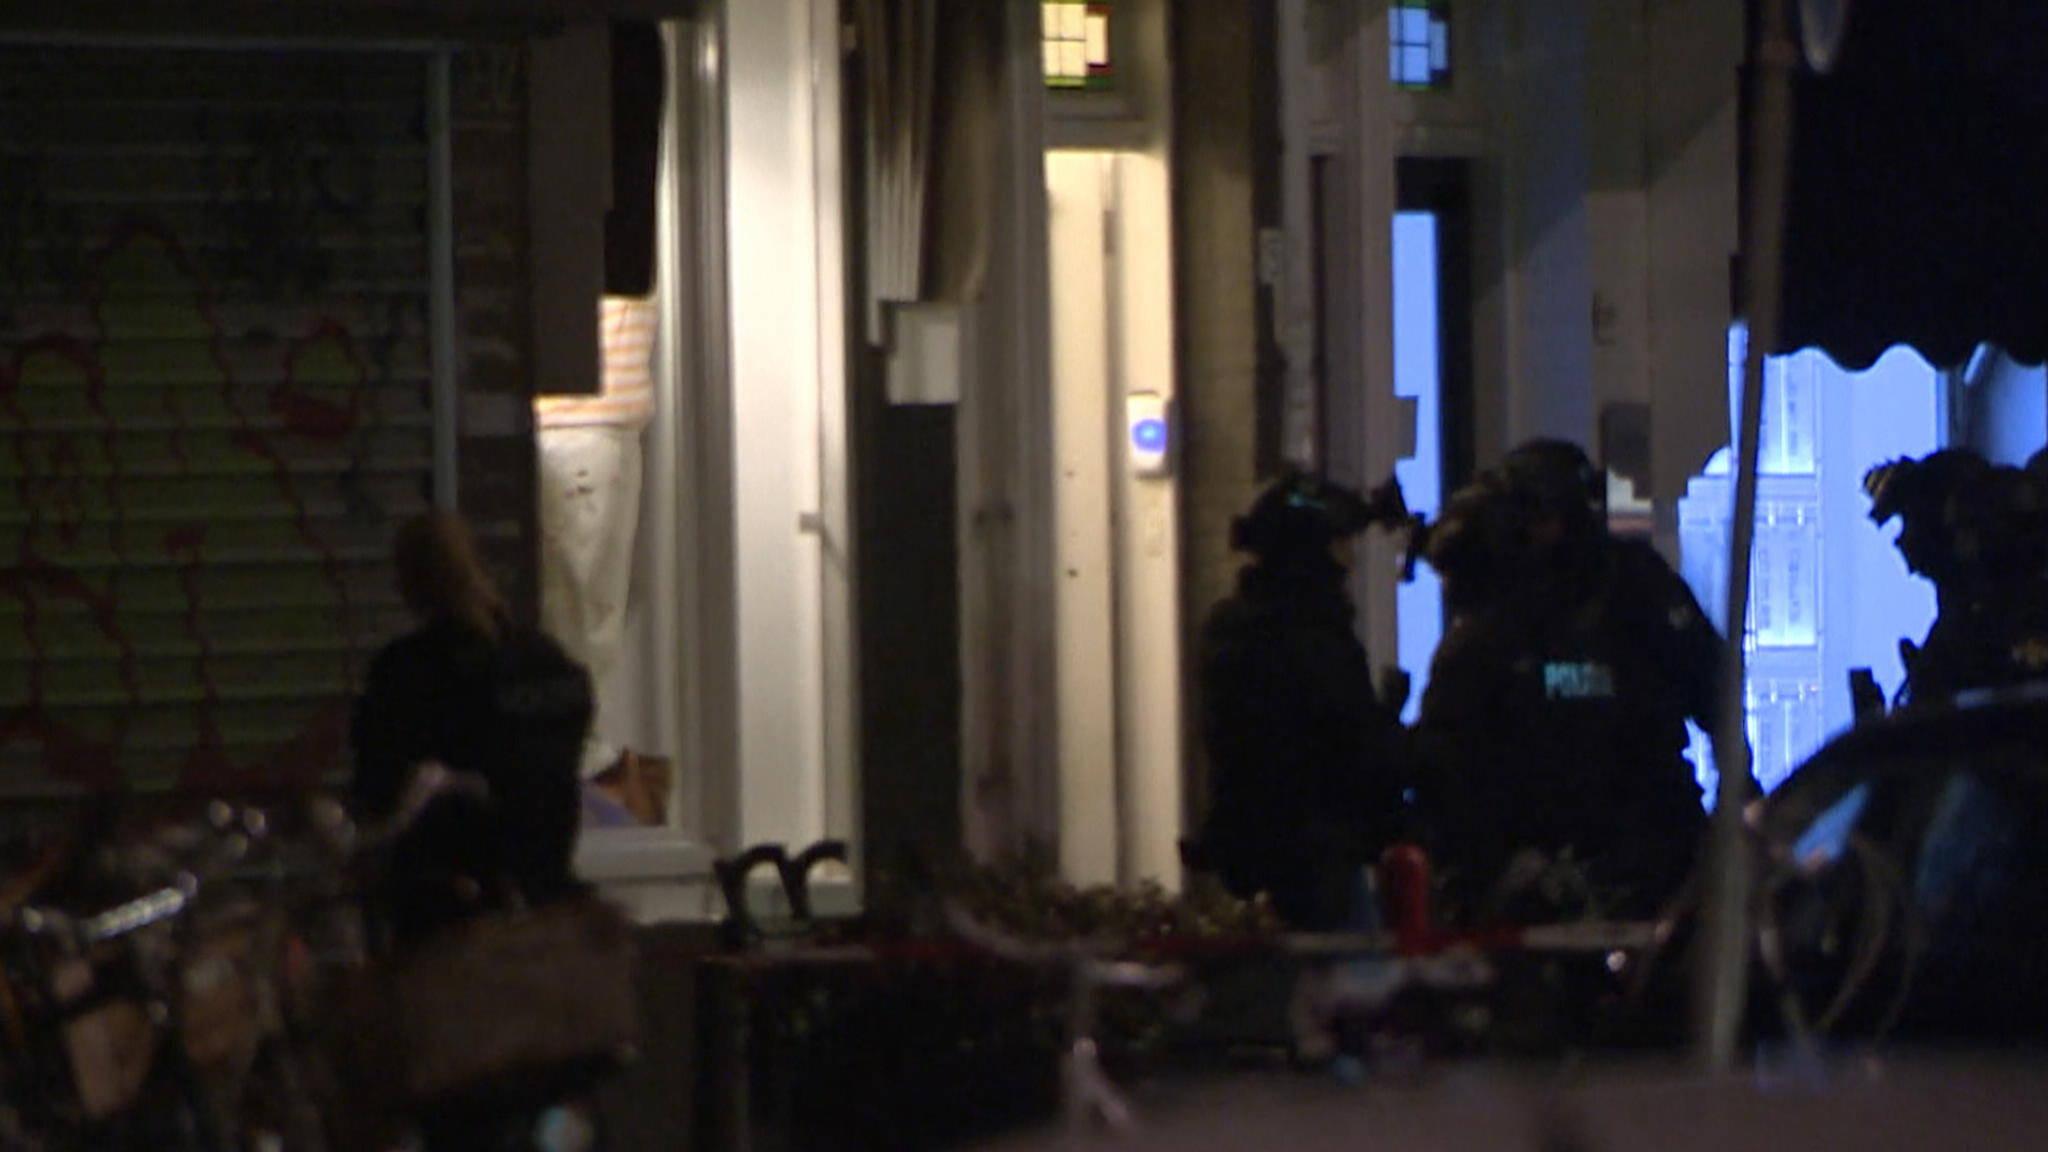 Landelijk Parket Rotterdam : Geen munitie of explosieven gevonden bij huiszoeking rotterdam nos